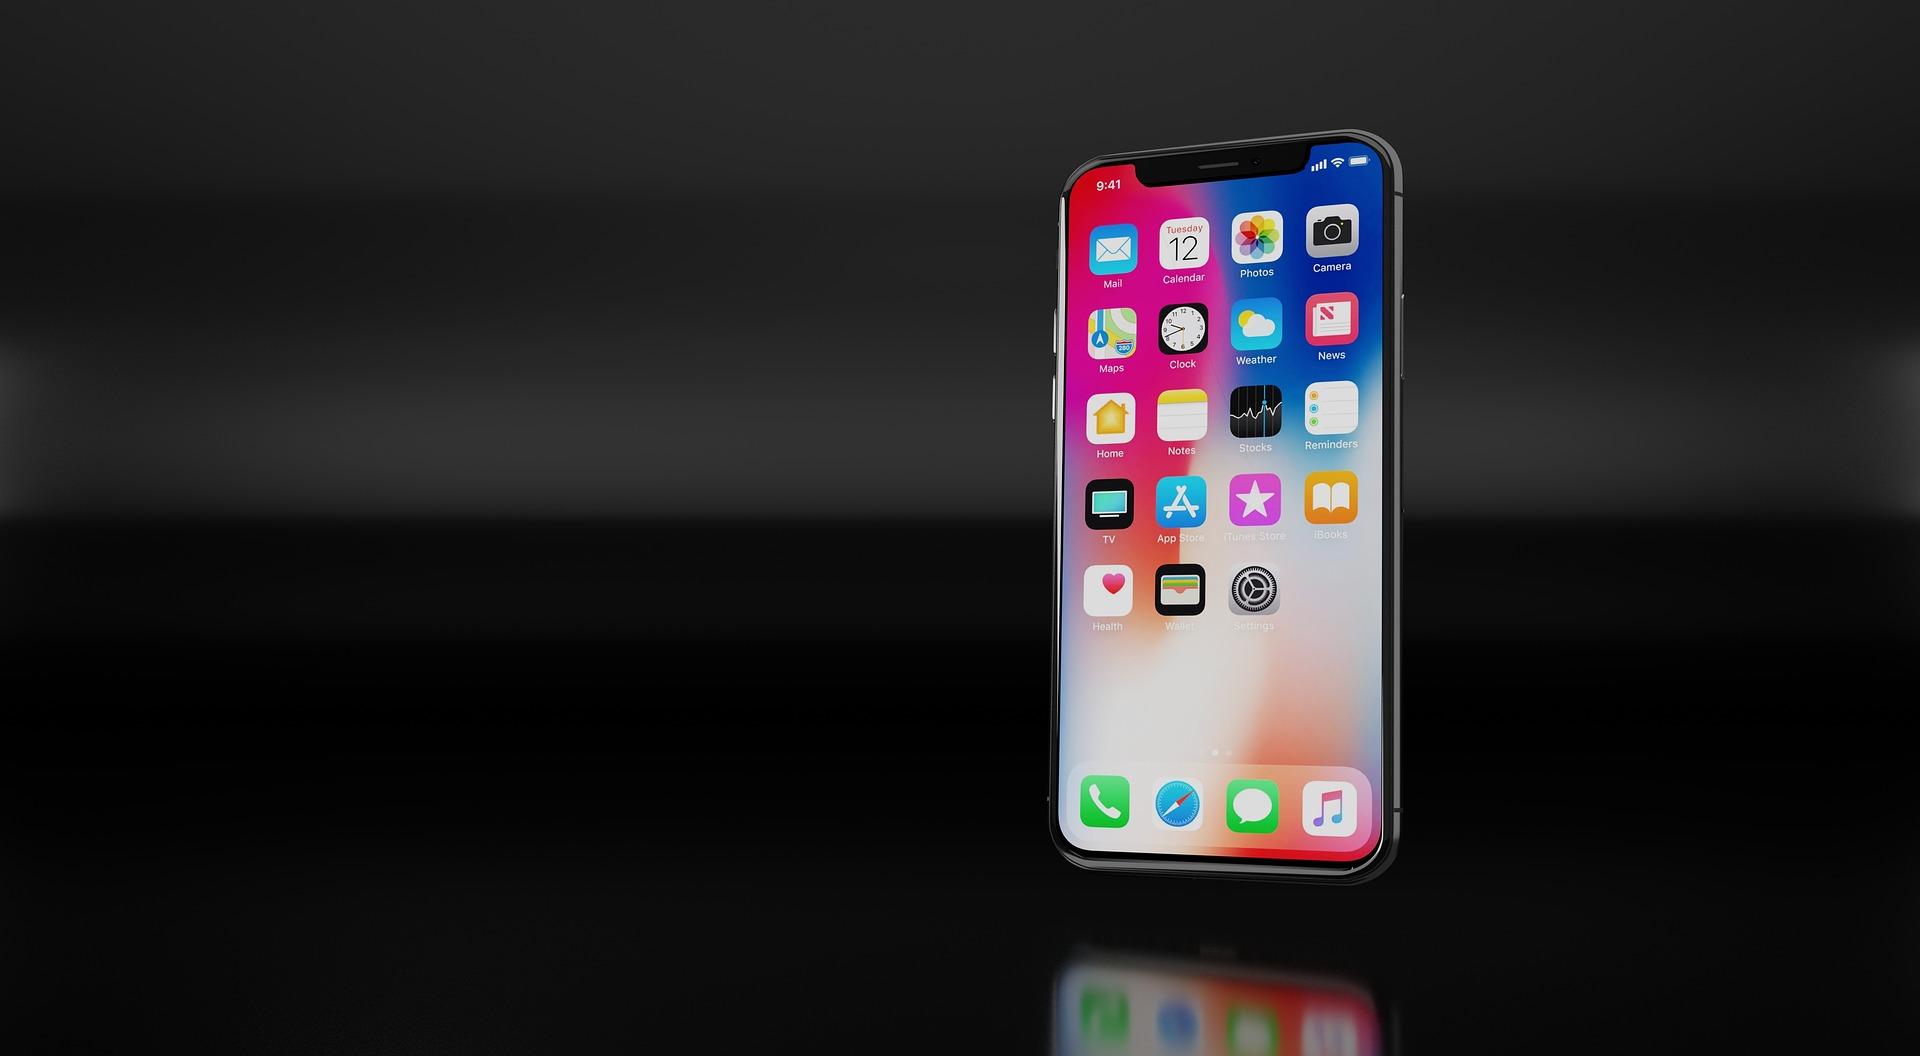 iPhone Xの予約購入の賢い方法を知る|手続きに必要な物とは